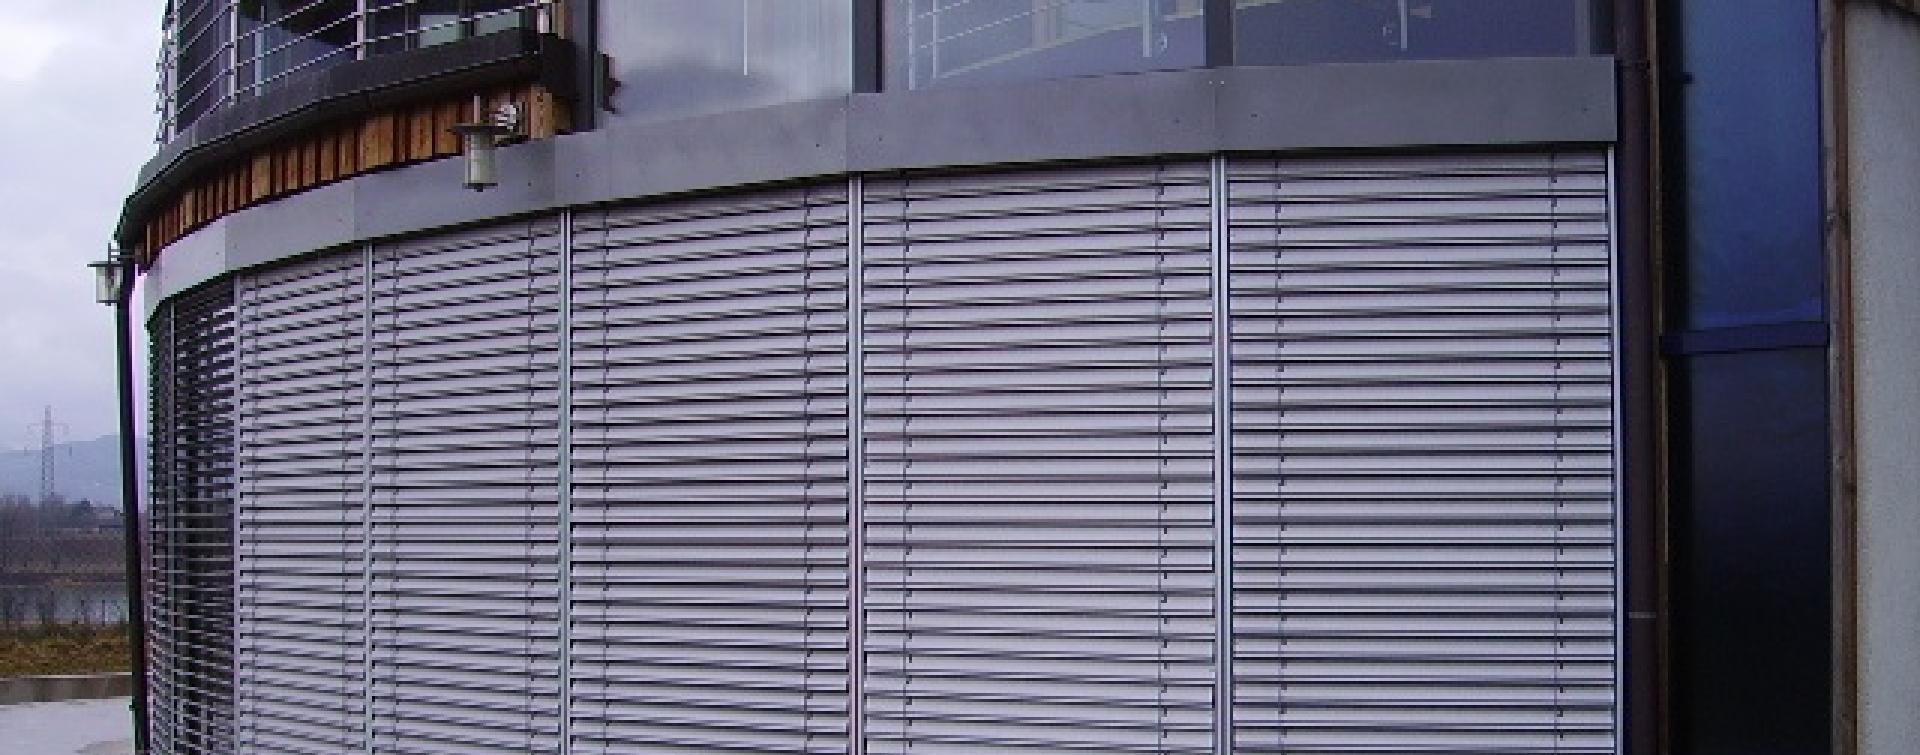 Full Size of Sonnenschutz Fenster Außen Startseite Gruber Holz Alu Beleuchtung Dreifachverglasung Trier Abdichten Aron Weihnachtsbeleuchtung Sichtschutzfolien Für Fenster Sonnenschutz Fenster Außen